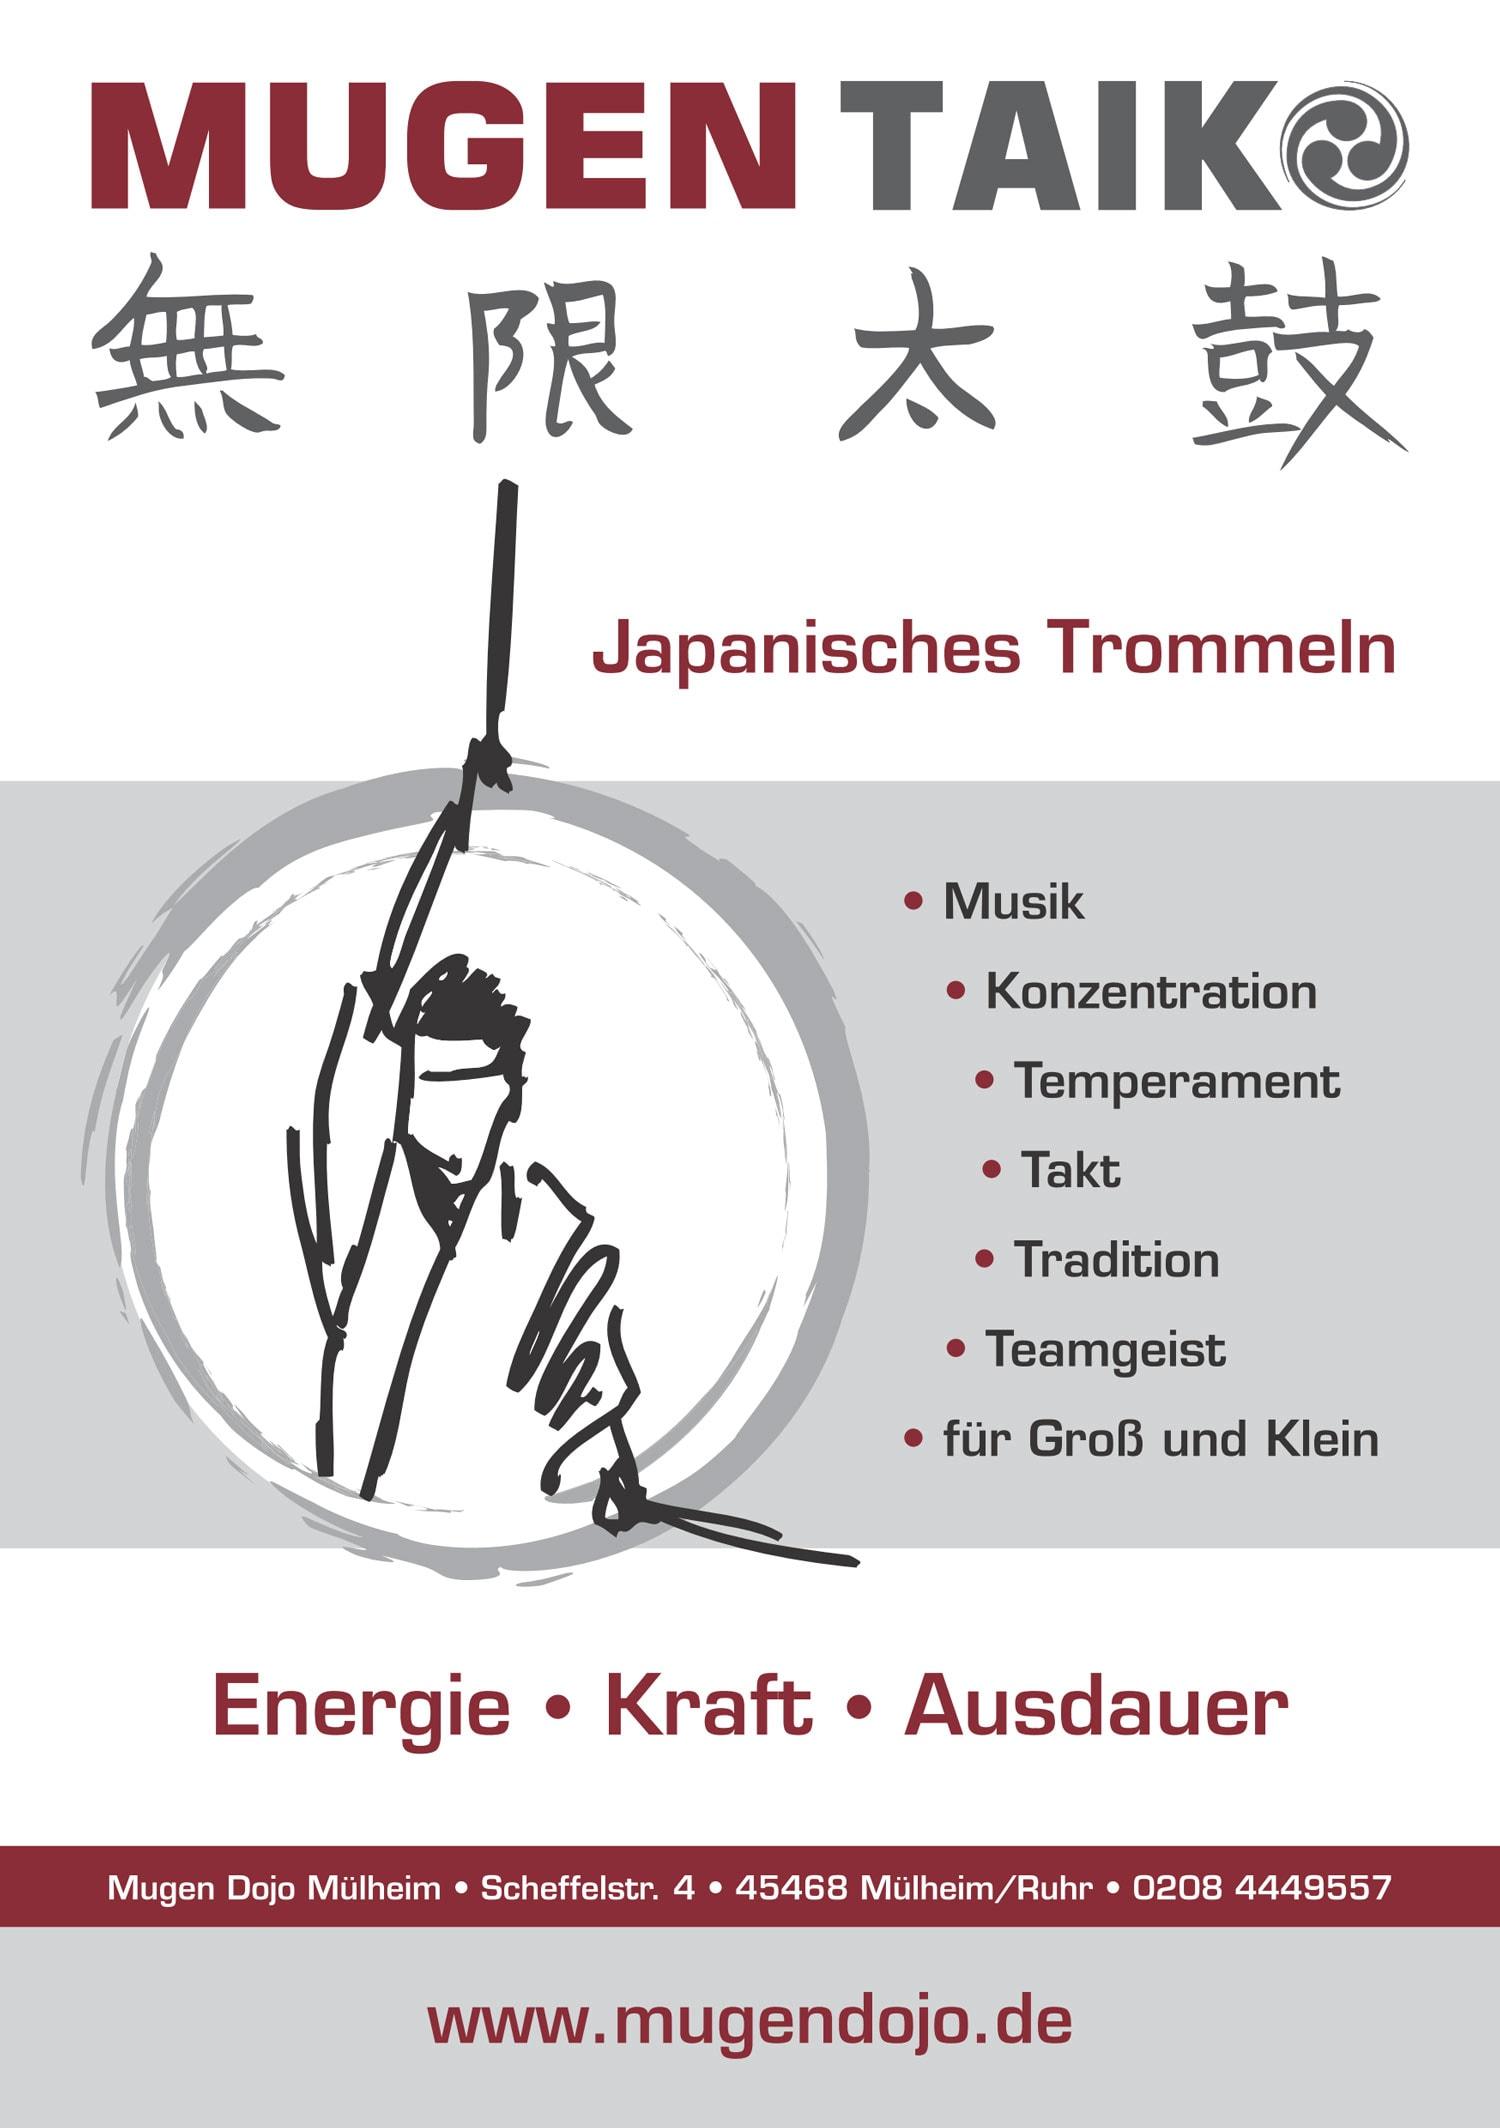 Mugen Taiko, Wadaiko, japanisches Trommeln Musik, Temperament, Konzentration, Tradition, Teamgeist